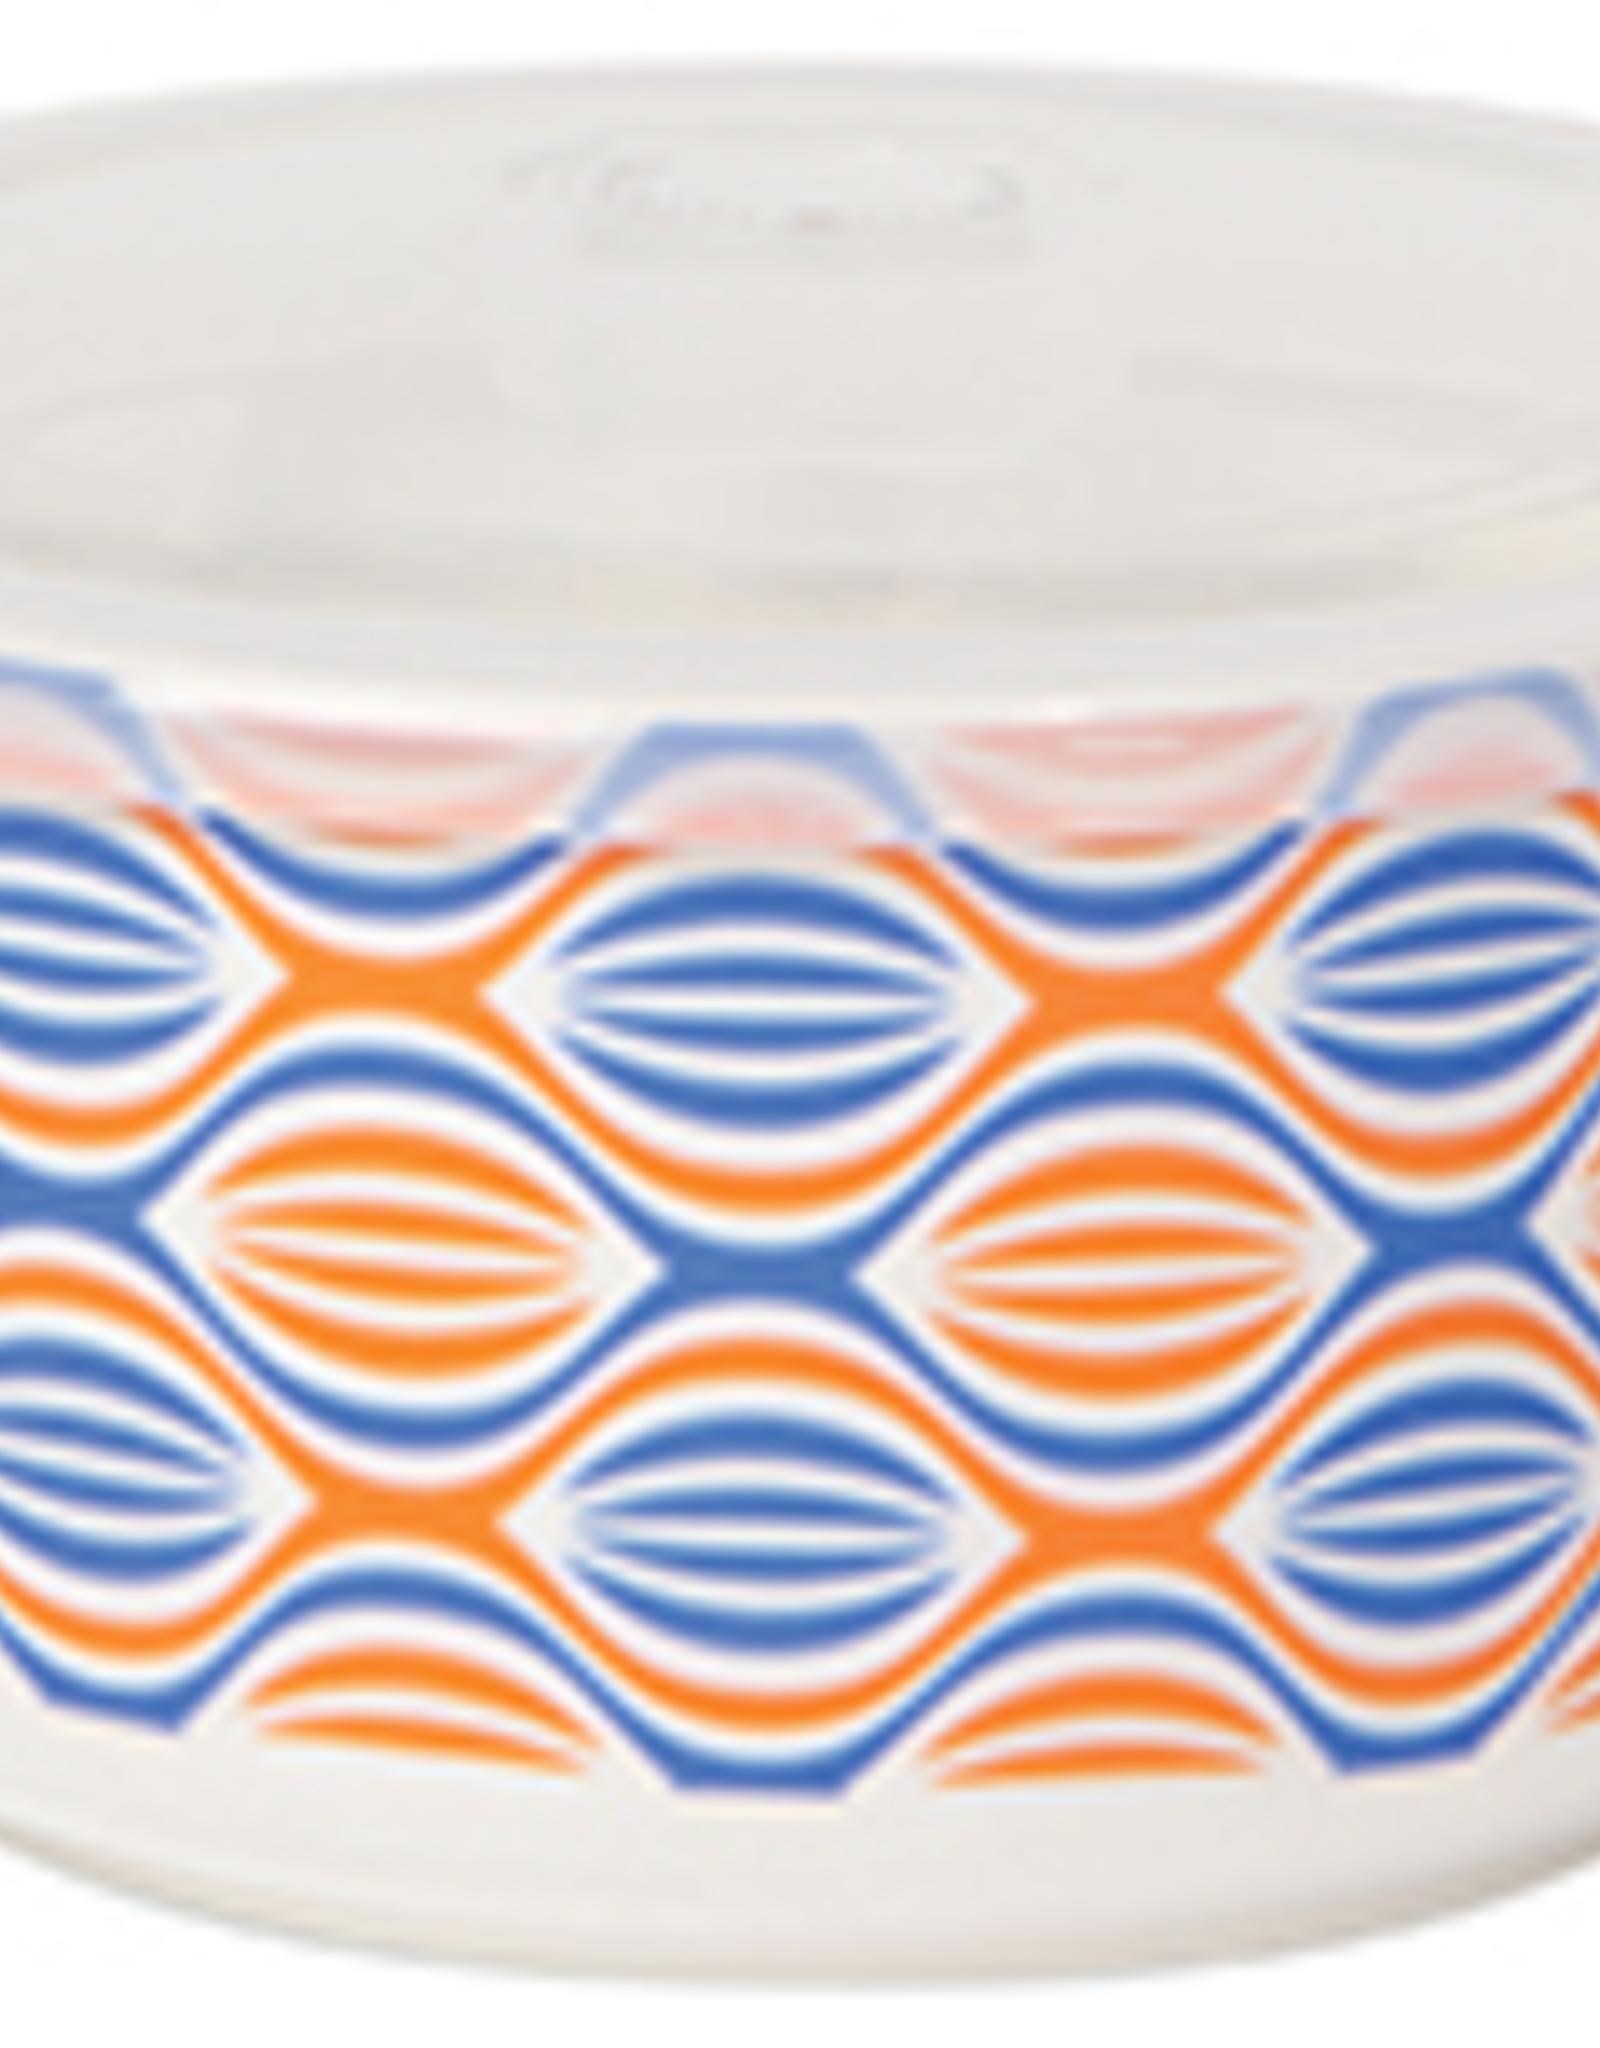 Snack Container Orange Wave Medium